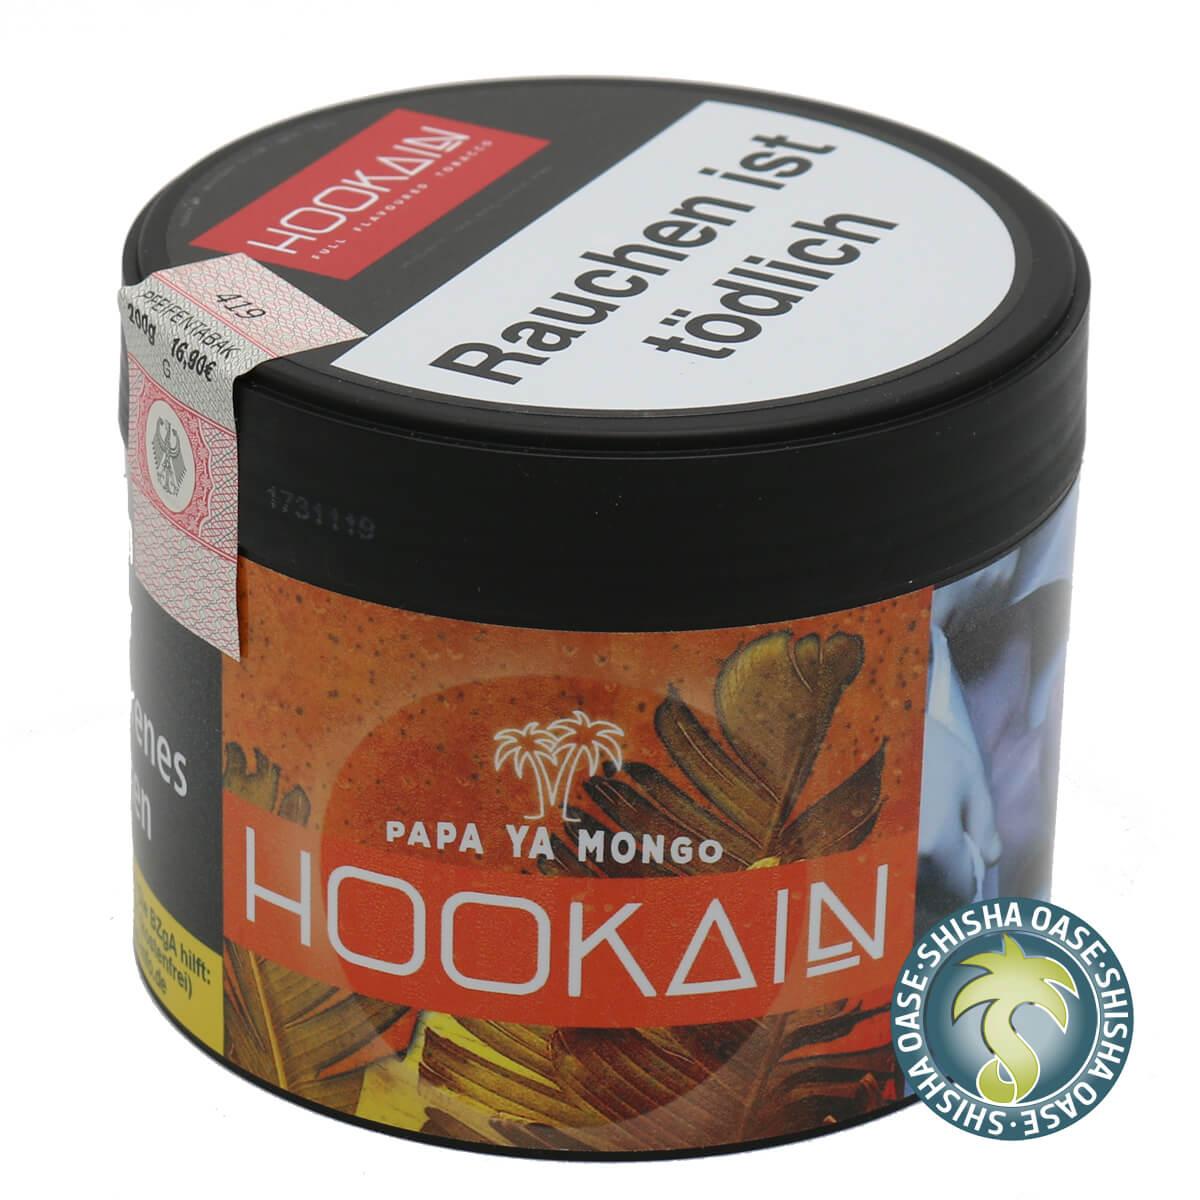 Hookain Tabak Papa Ya Mongo 200g